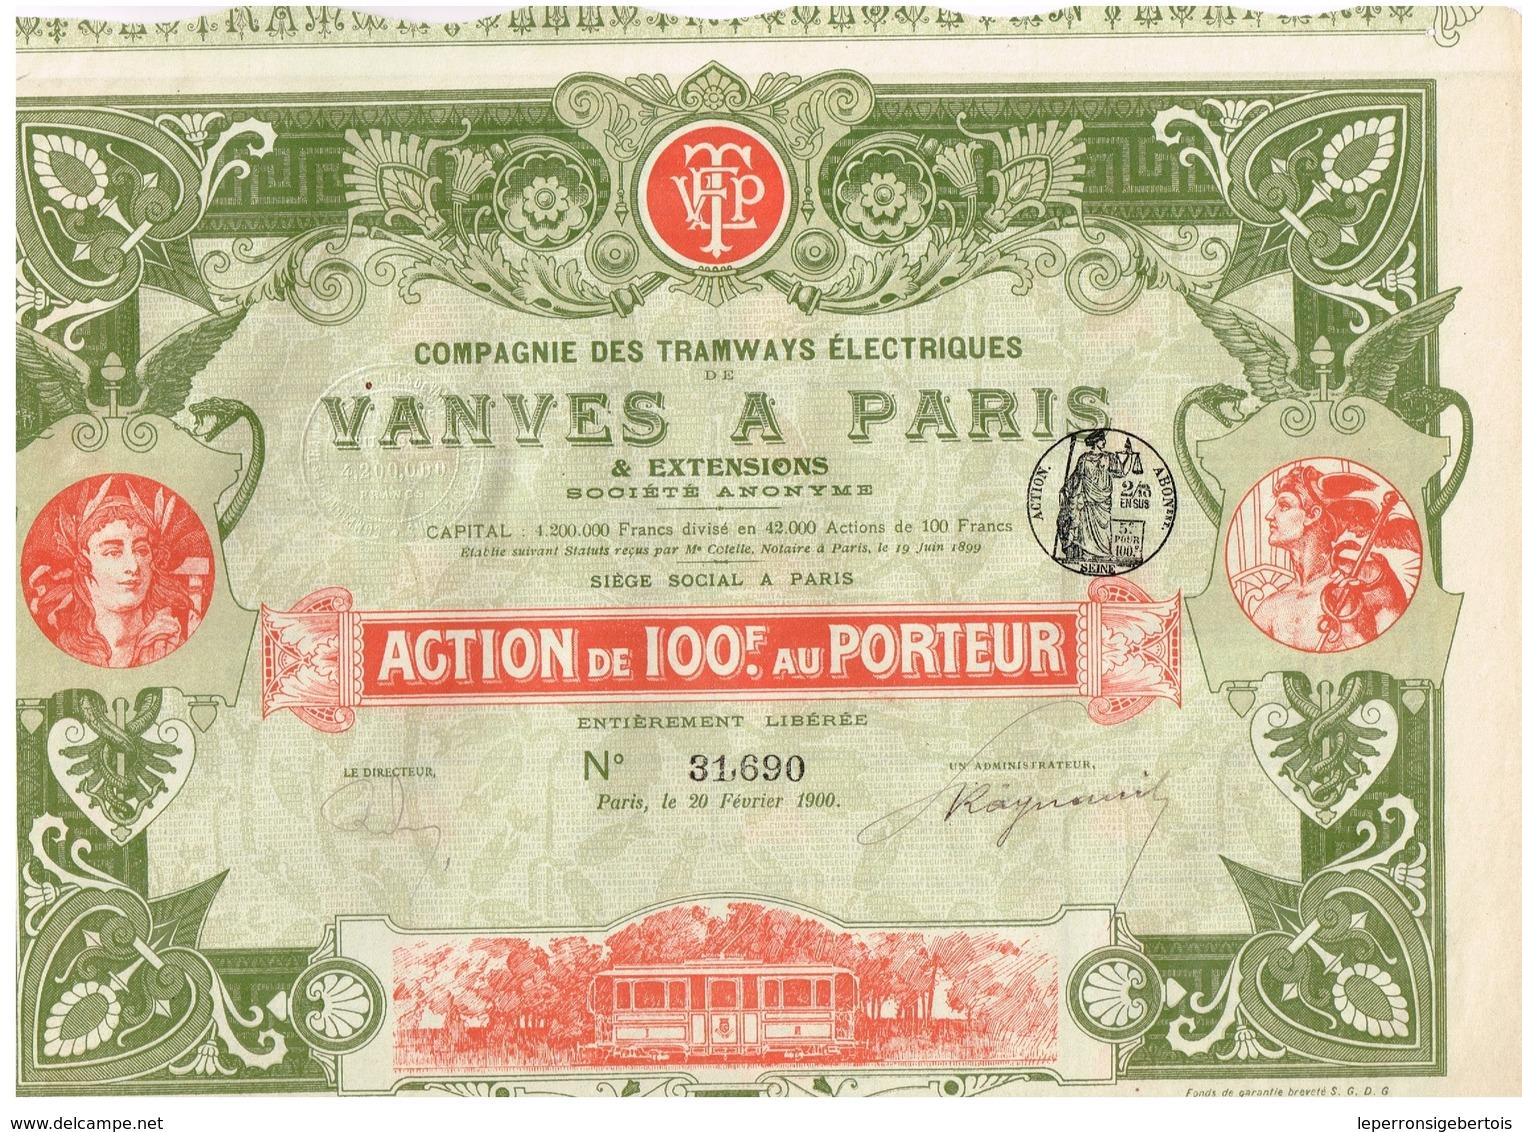 Action Ancienne - Compagnie Des Tramways Electriques De Vanves à Paris - Titre De 1900 - Chemin De Fer & Tramway